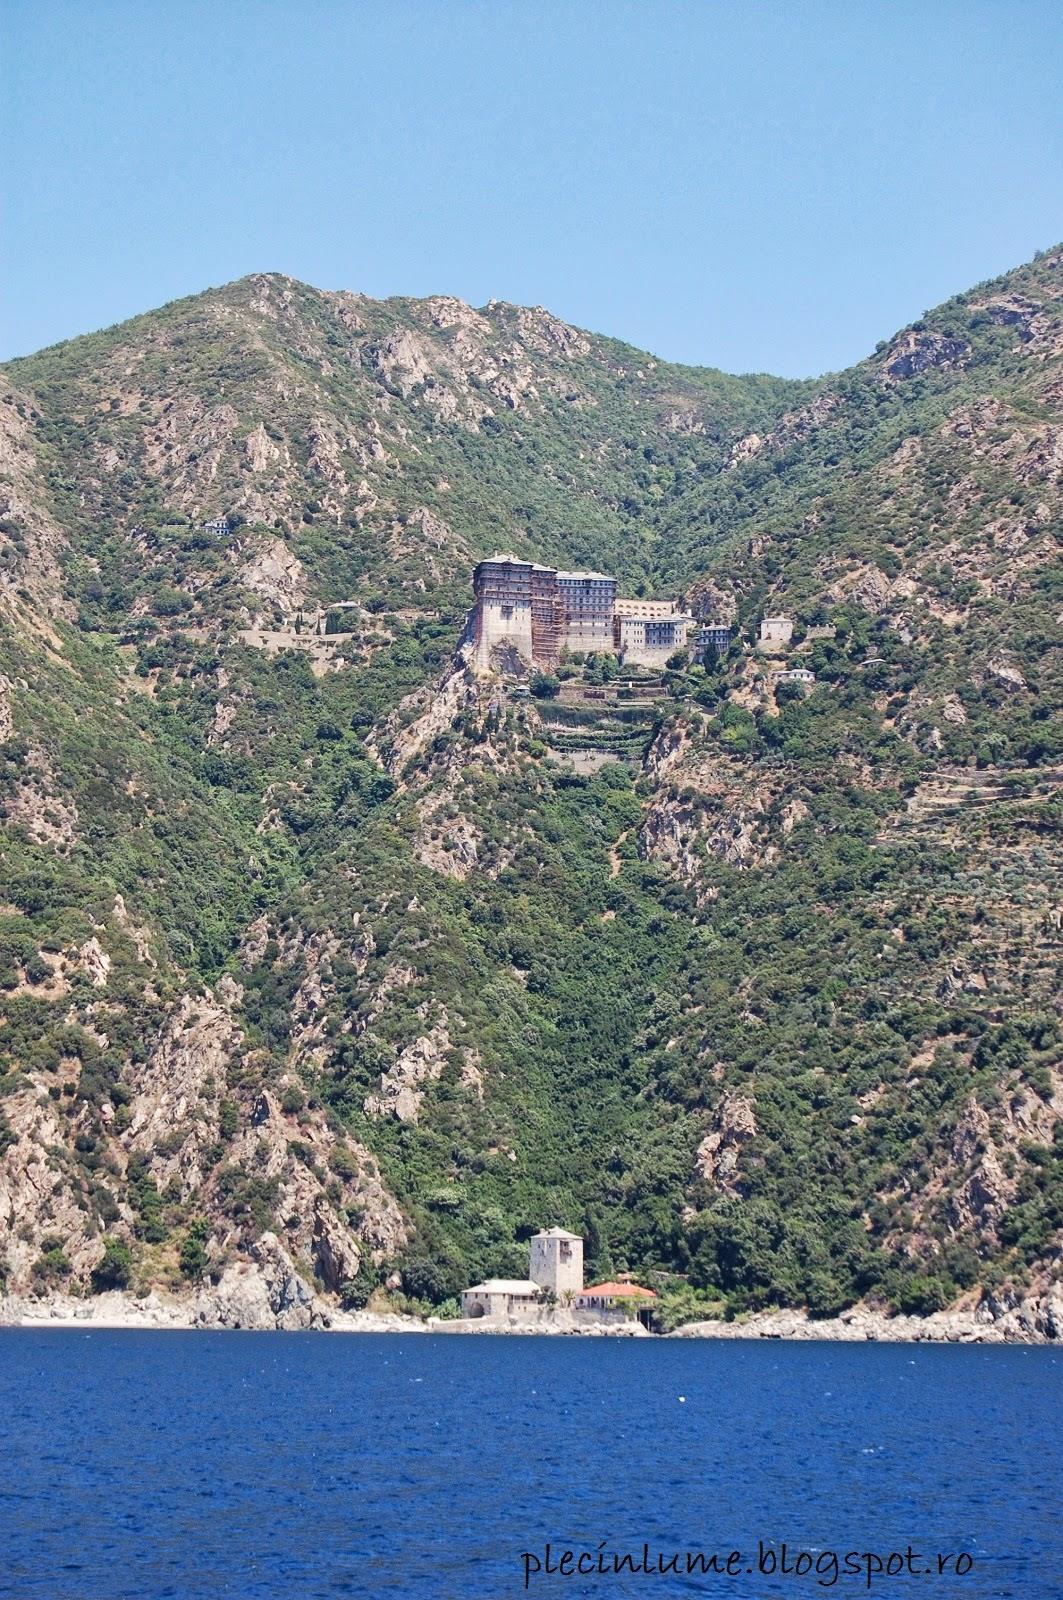 Manastirea Sfantul Simion din Athos